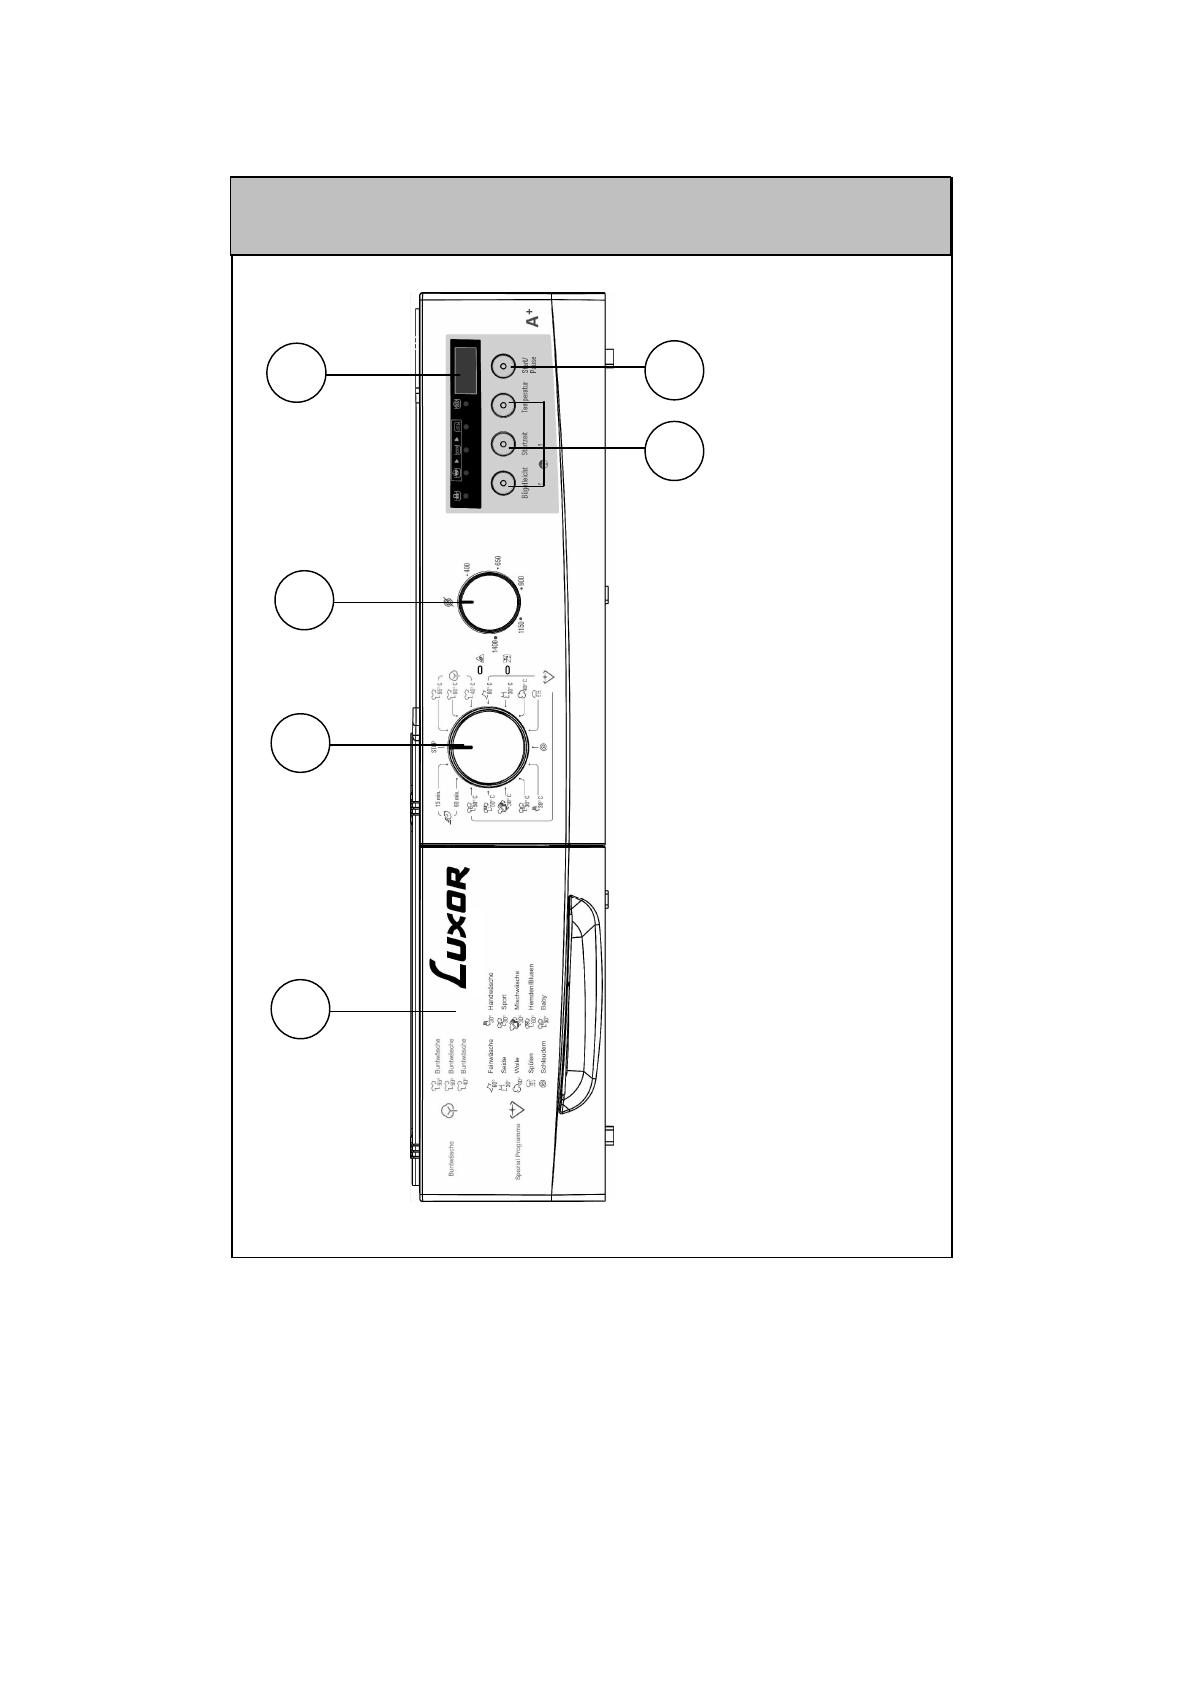 Bedienungsanleitung Luxor WM 1047 R6 A Plus Seite 16 Von 48 Deutsch